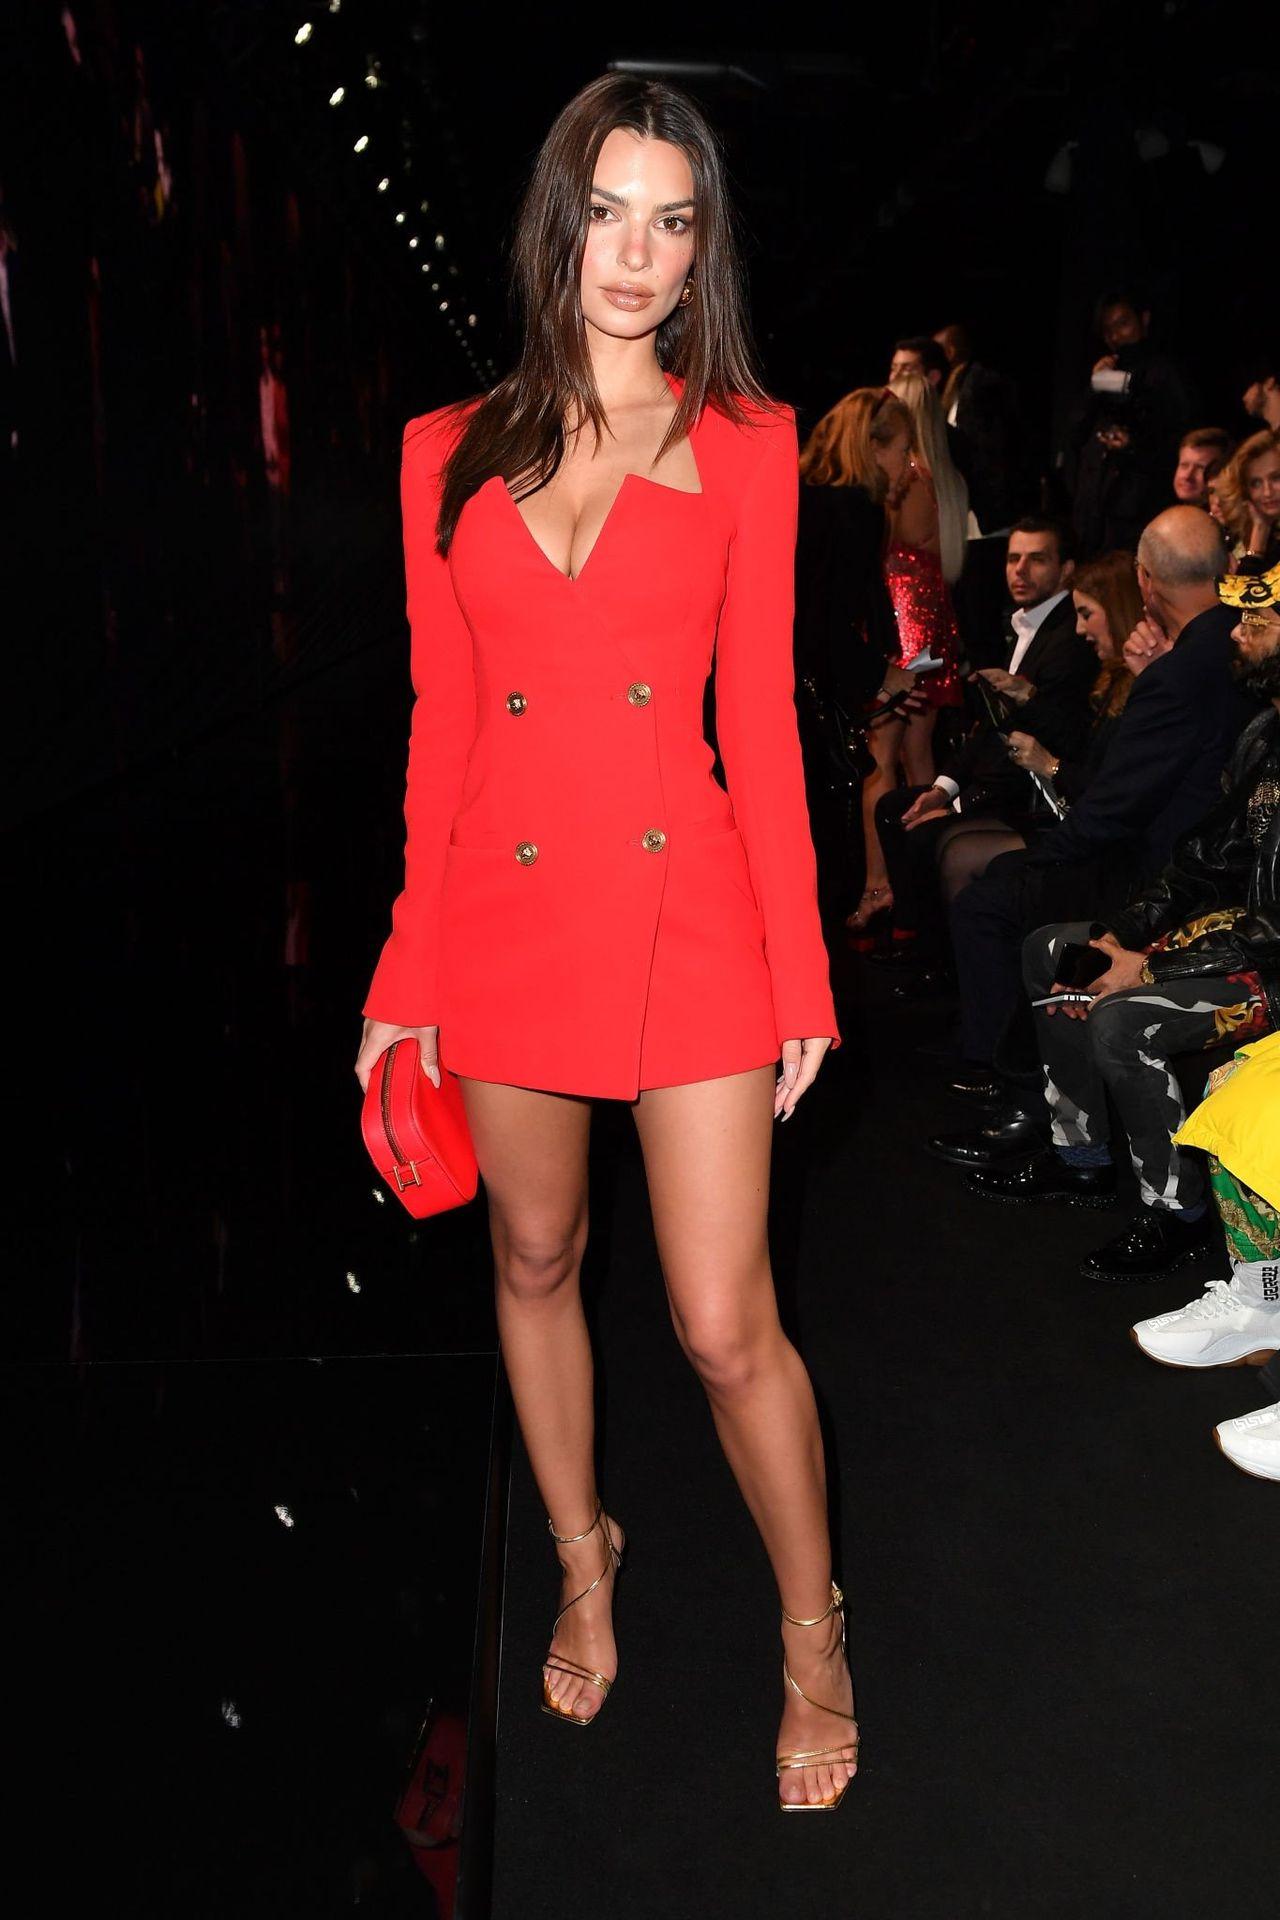 Emily Ratajkowski Stuns At The Versace Fashion Show During Milan Fashion Week 0008